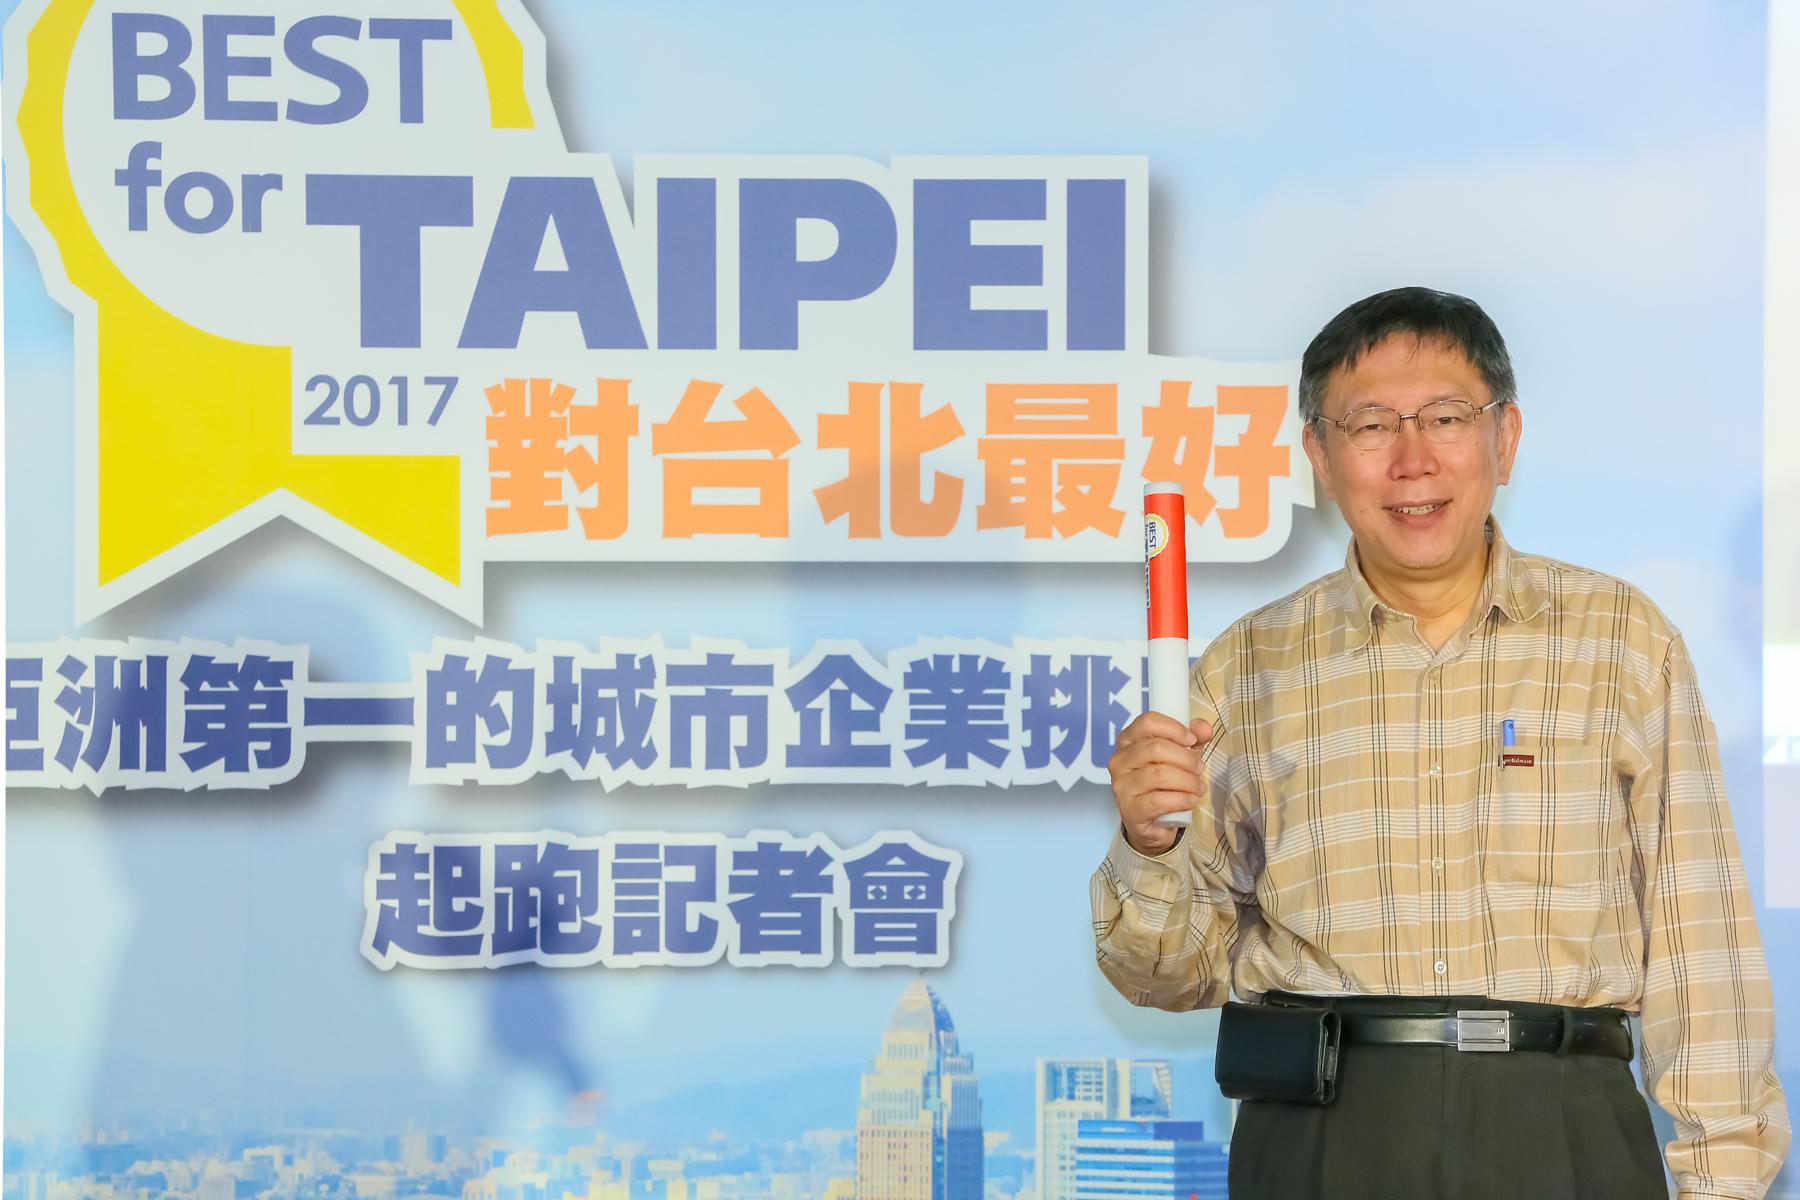 柯市長從美國總部代表手中接下接力棒,象徵台北接力紐約,成為亞洲第一座舉辦Best for 系列企業挑戰賽的城市.jpg